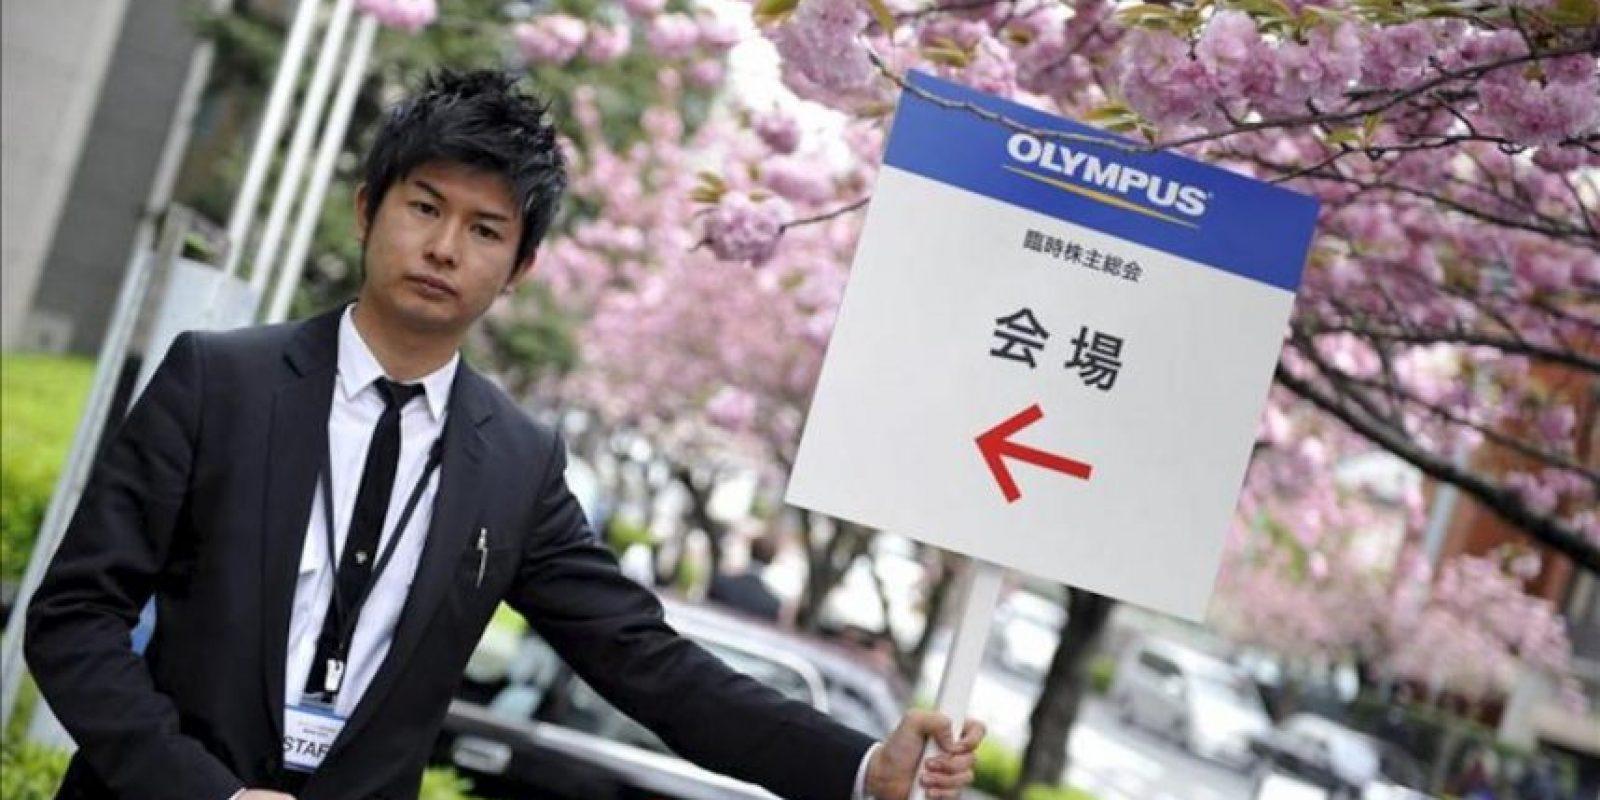 Un hombre sostiene un cartel que indica la ubicación de la reunión de accionistas de Olympus hoy, viernes 20 de abril de 2012, en Tokio (Japón). La reunión se lleva a cabo meses después de un escándalo de fraude al interior de la compañía. EFE